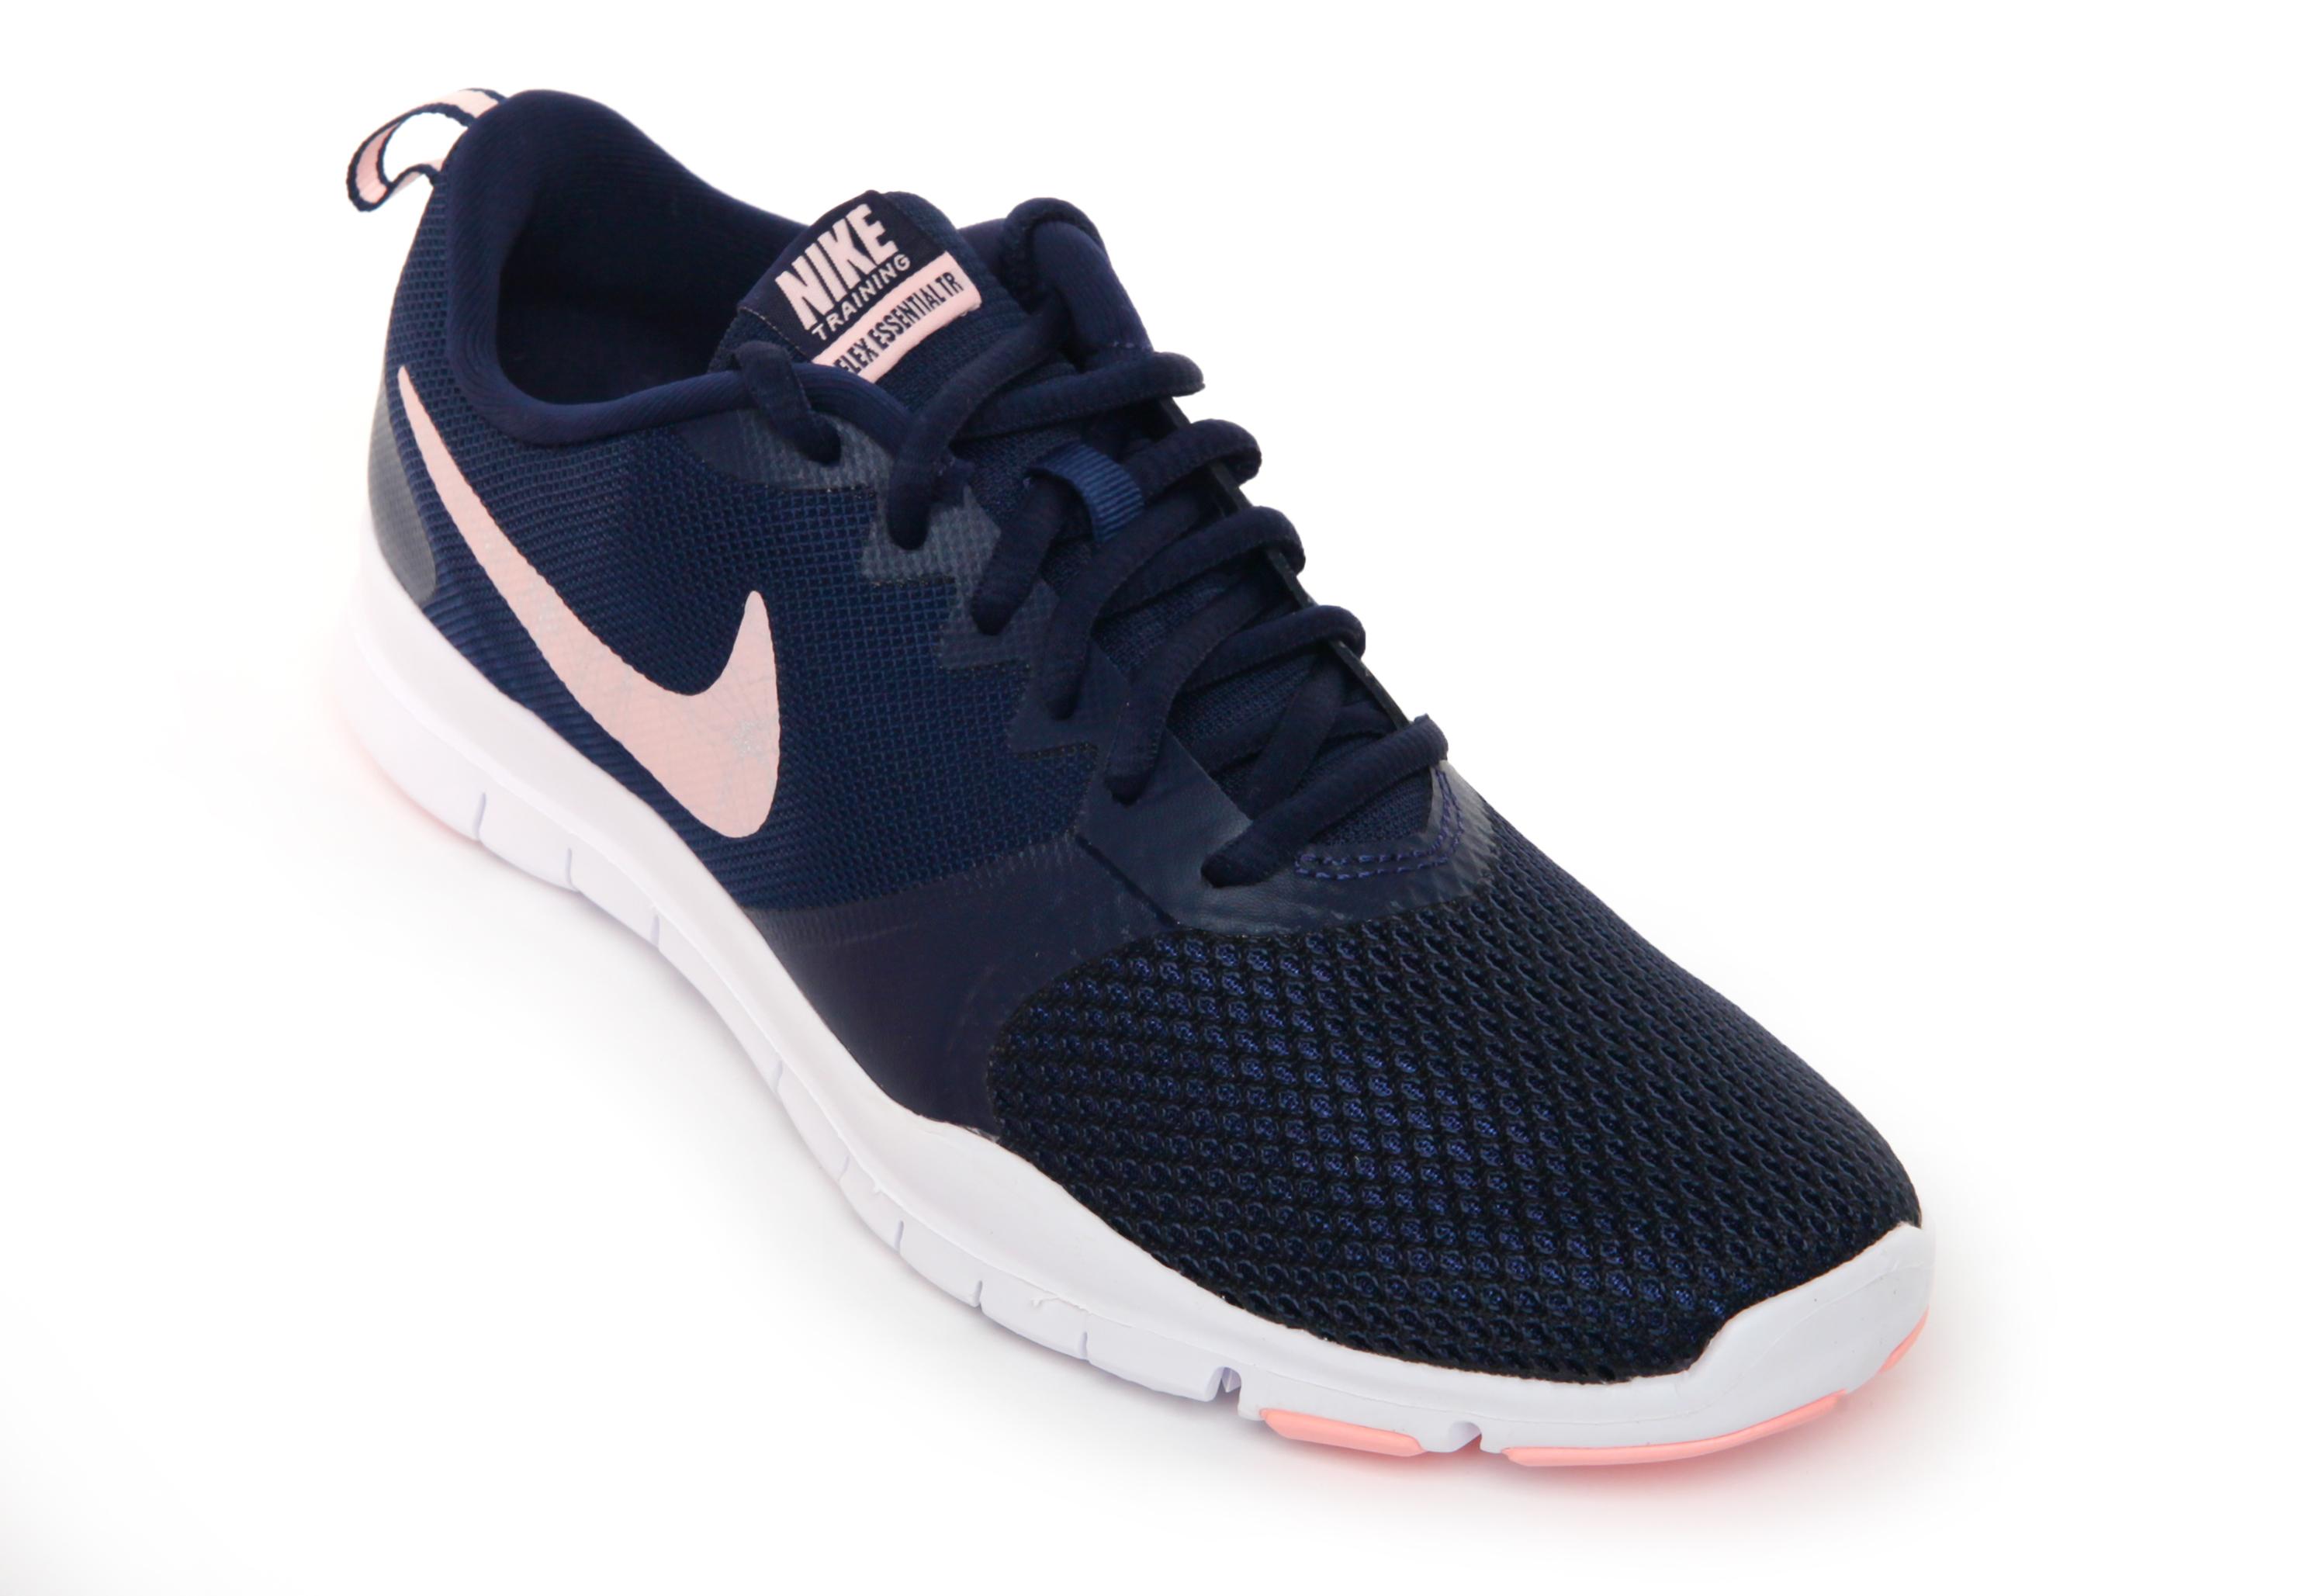 13e233c0058d Кроссовки женские Nike Flex Essential Training - Сеть спортивных ...